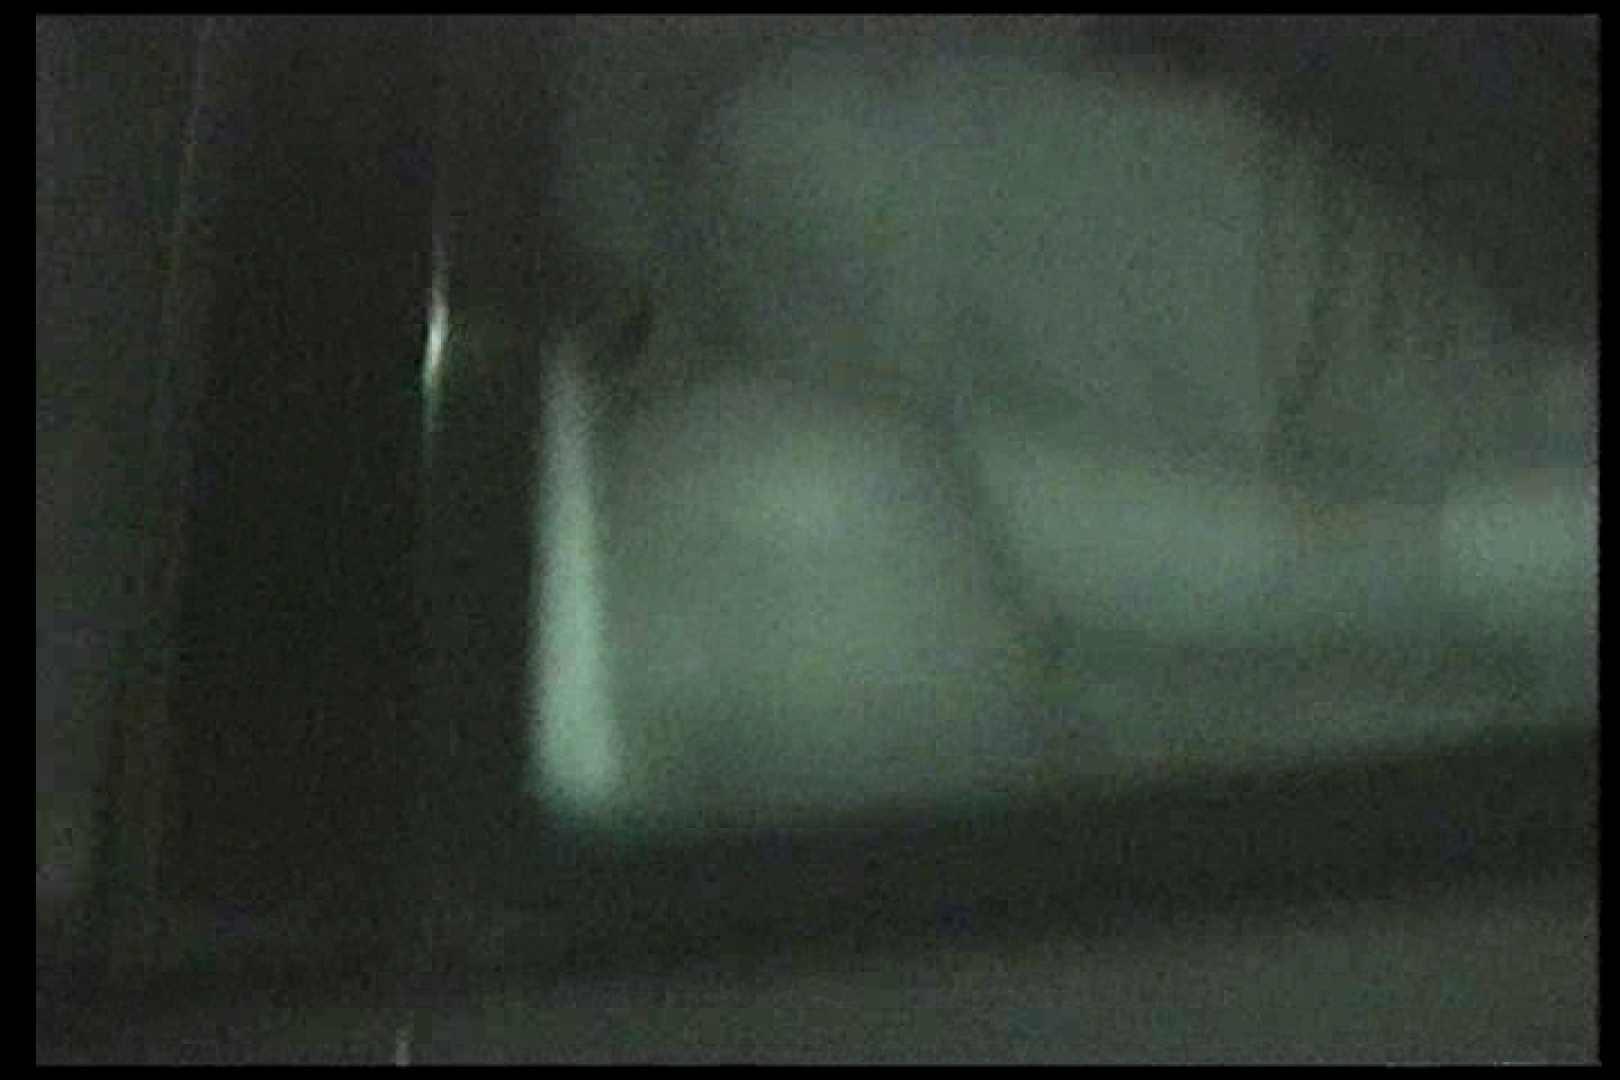 カーセックス未編集・無修正版 Vol.7前編 カップル盗撮 オメコ無修正動画無料 106画像 97